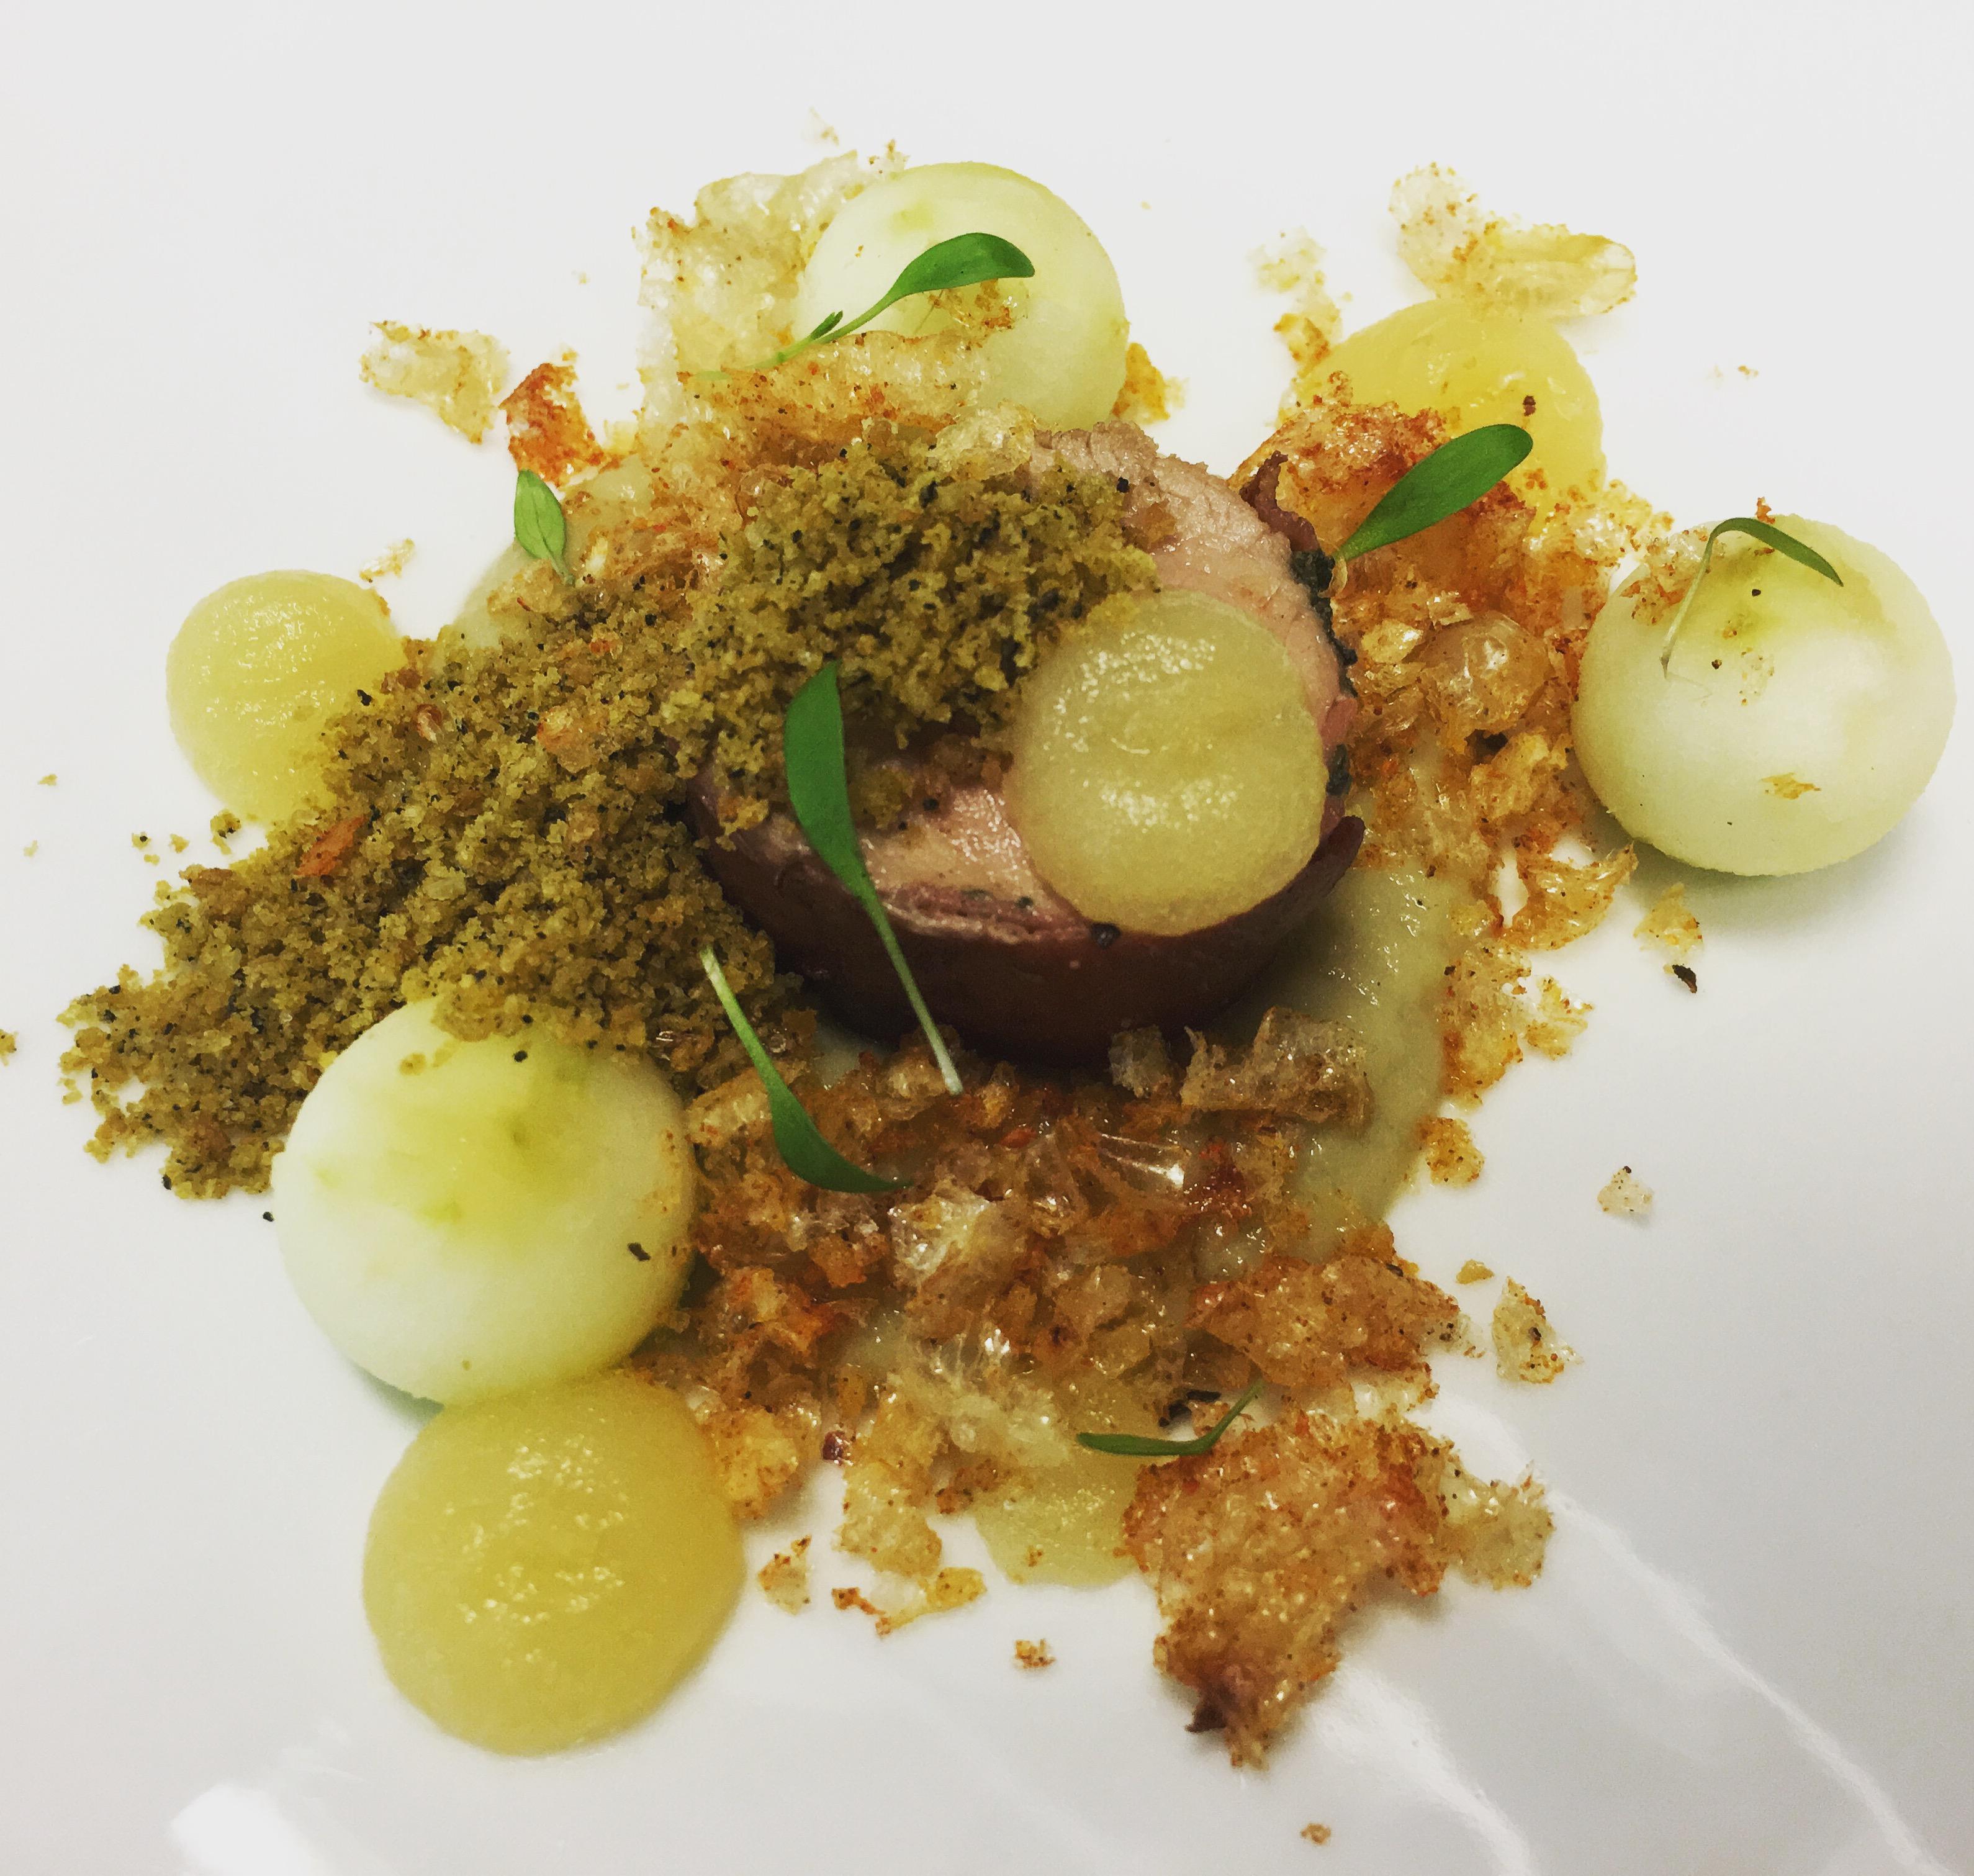 Pork, sage, white onion, apple